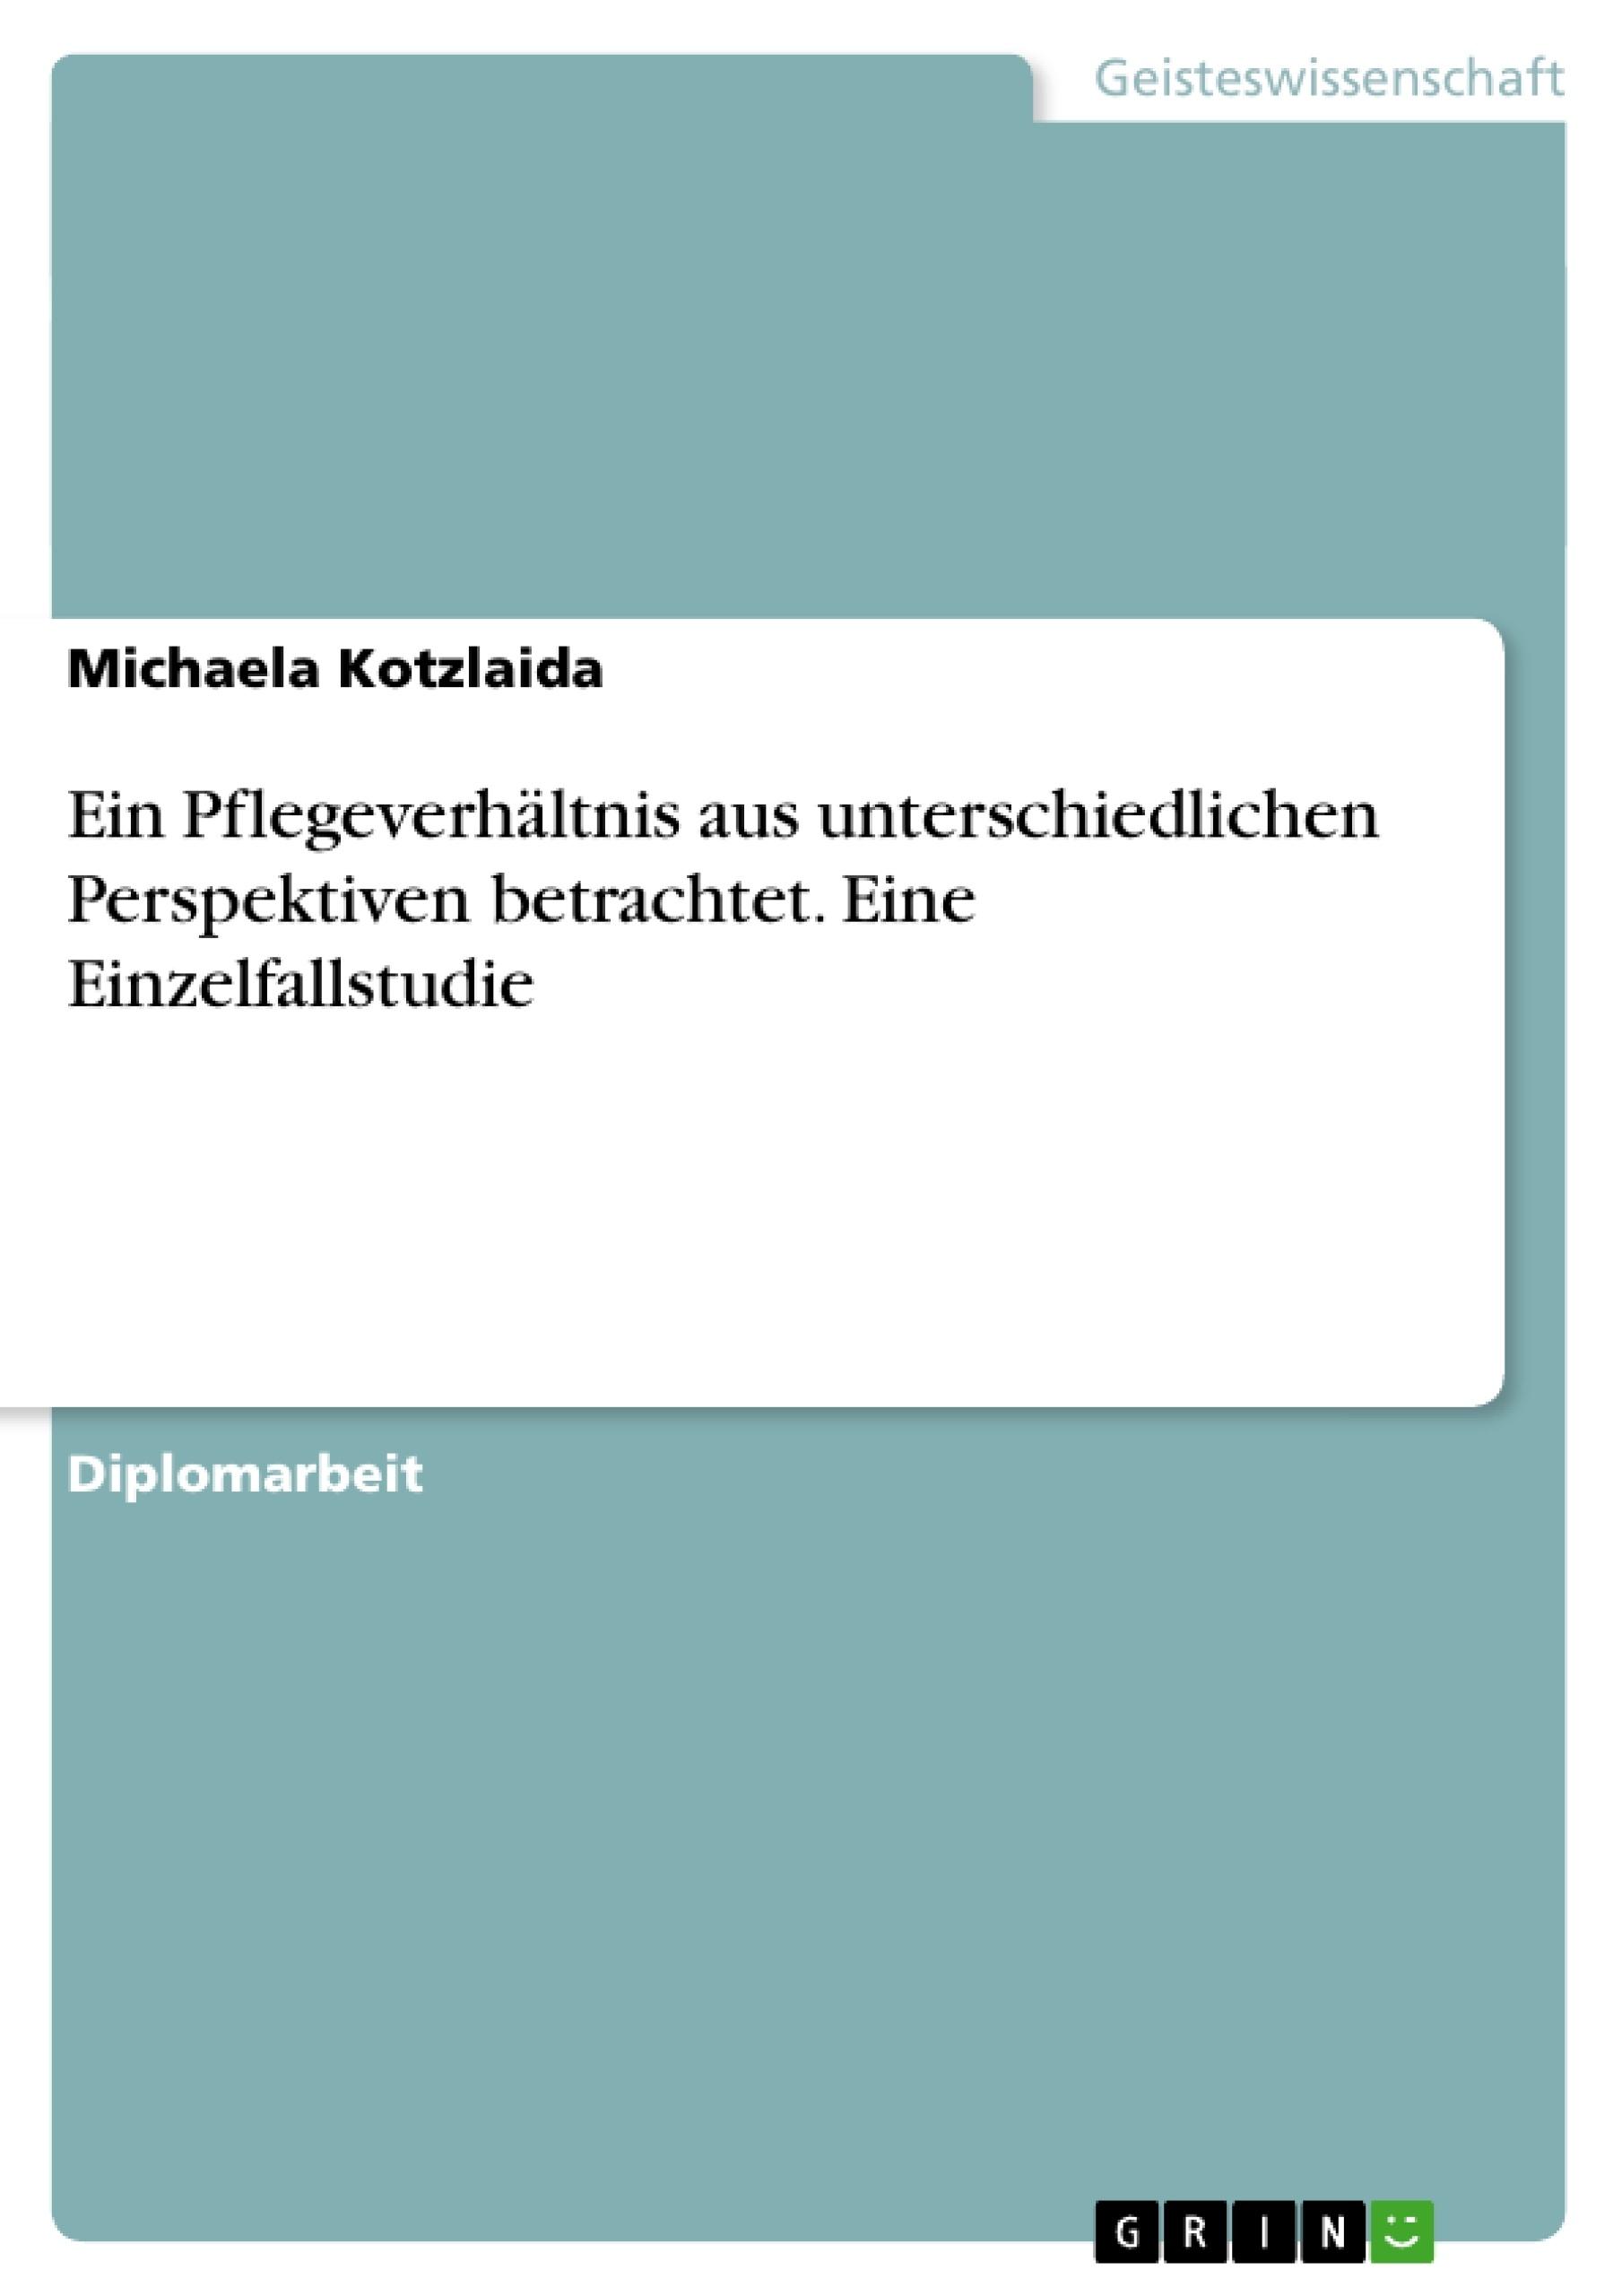 Titel: Ein Pflegeverhältnis aus unterschiedlichen Perspektiven betrachtet. Eine Einzelfallstudie